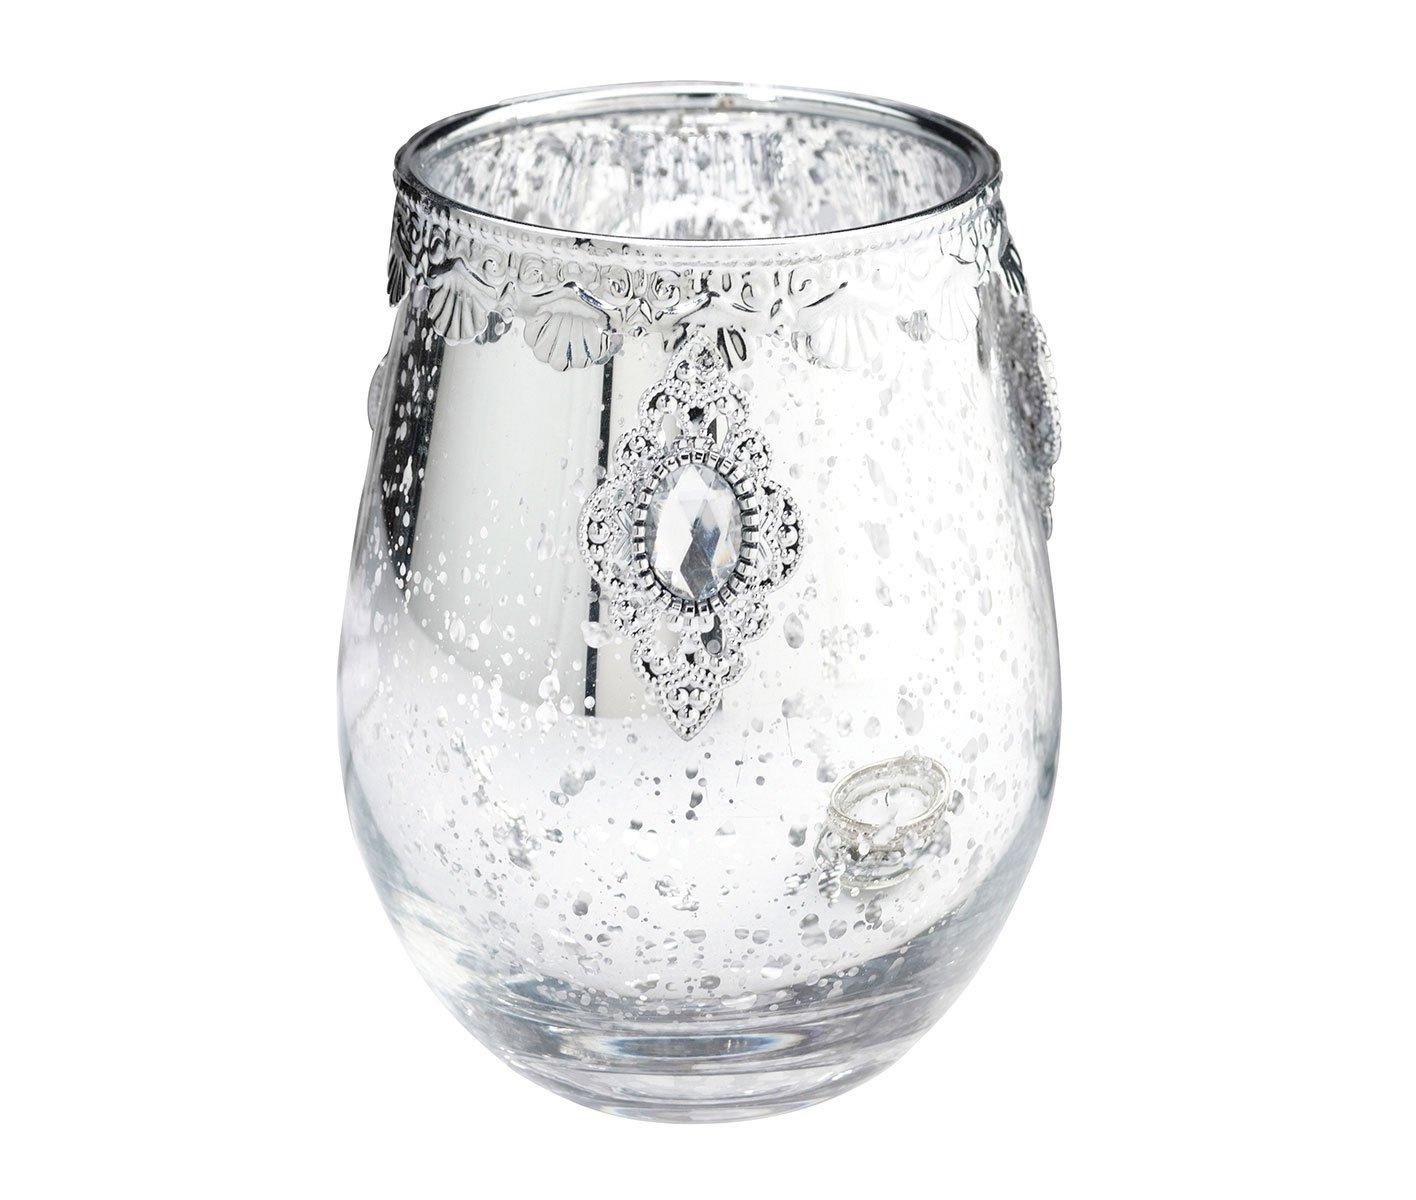 Lillian Rose argenté/Bougeoir en Verre, 8,9x 11,4x 8,9cm, Verre/métal CA941